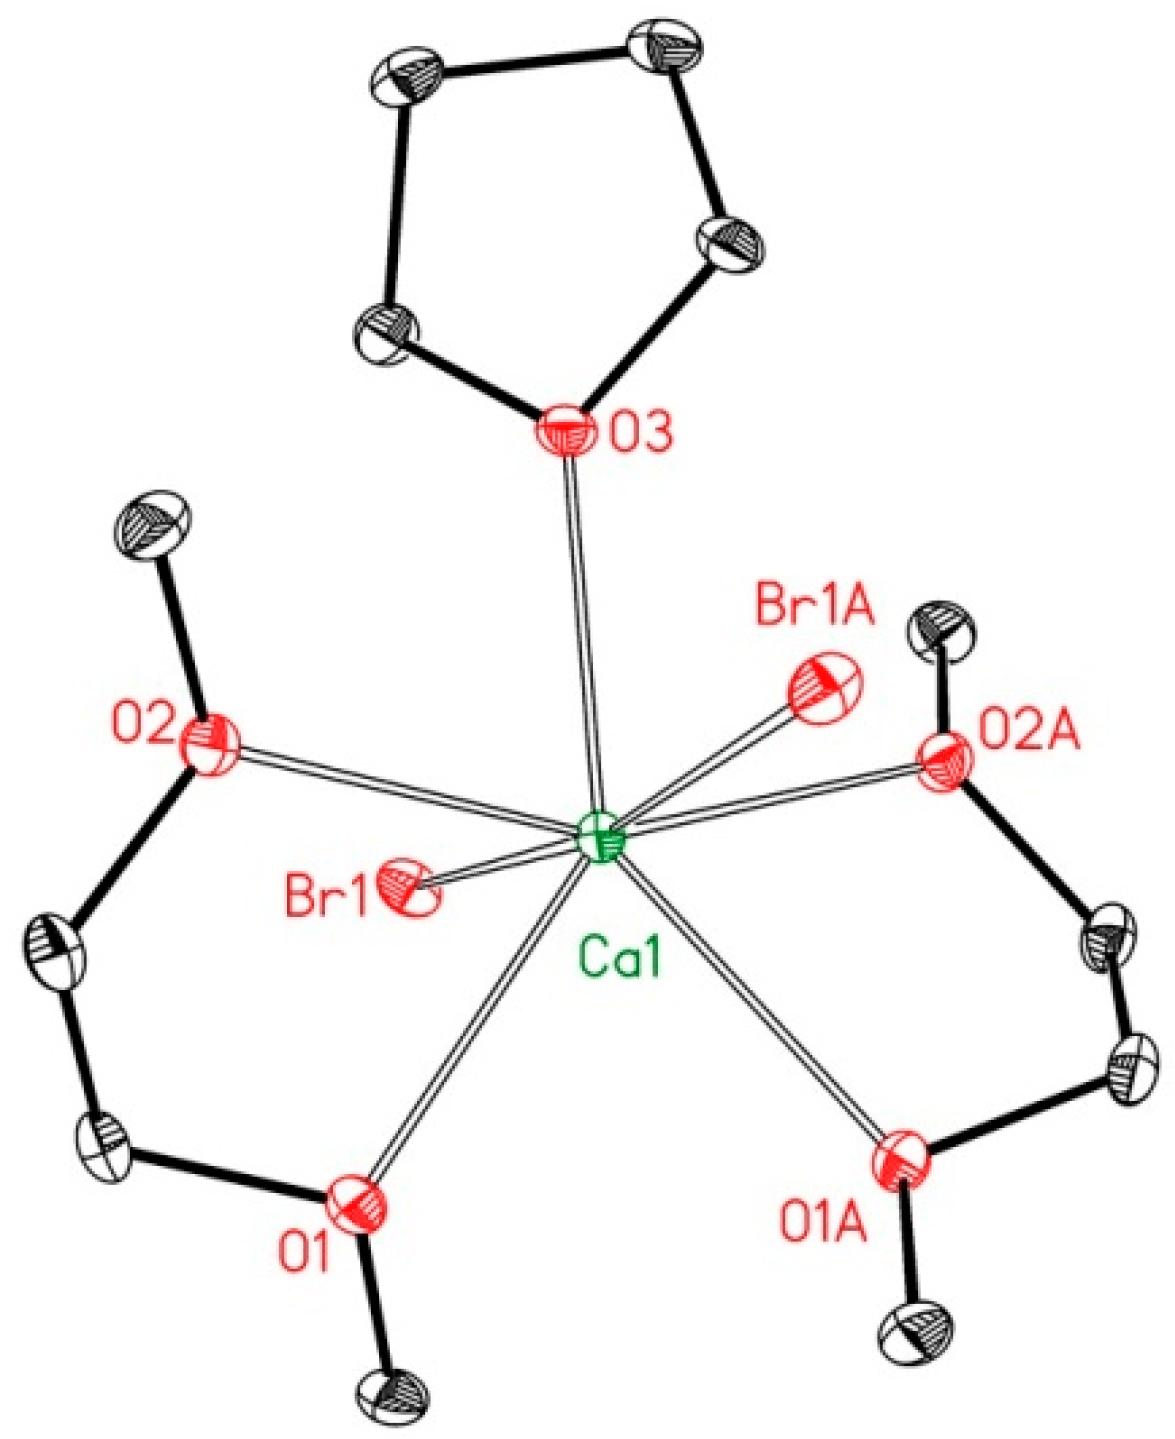 Inorganics